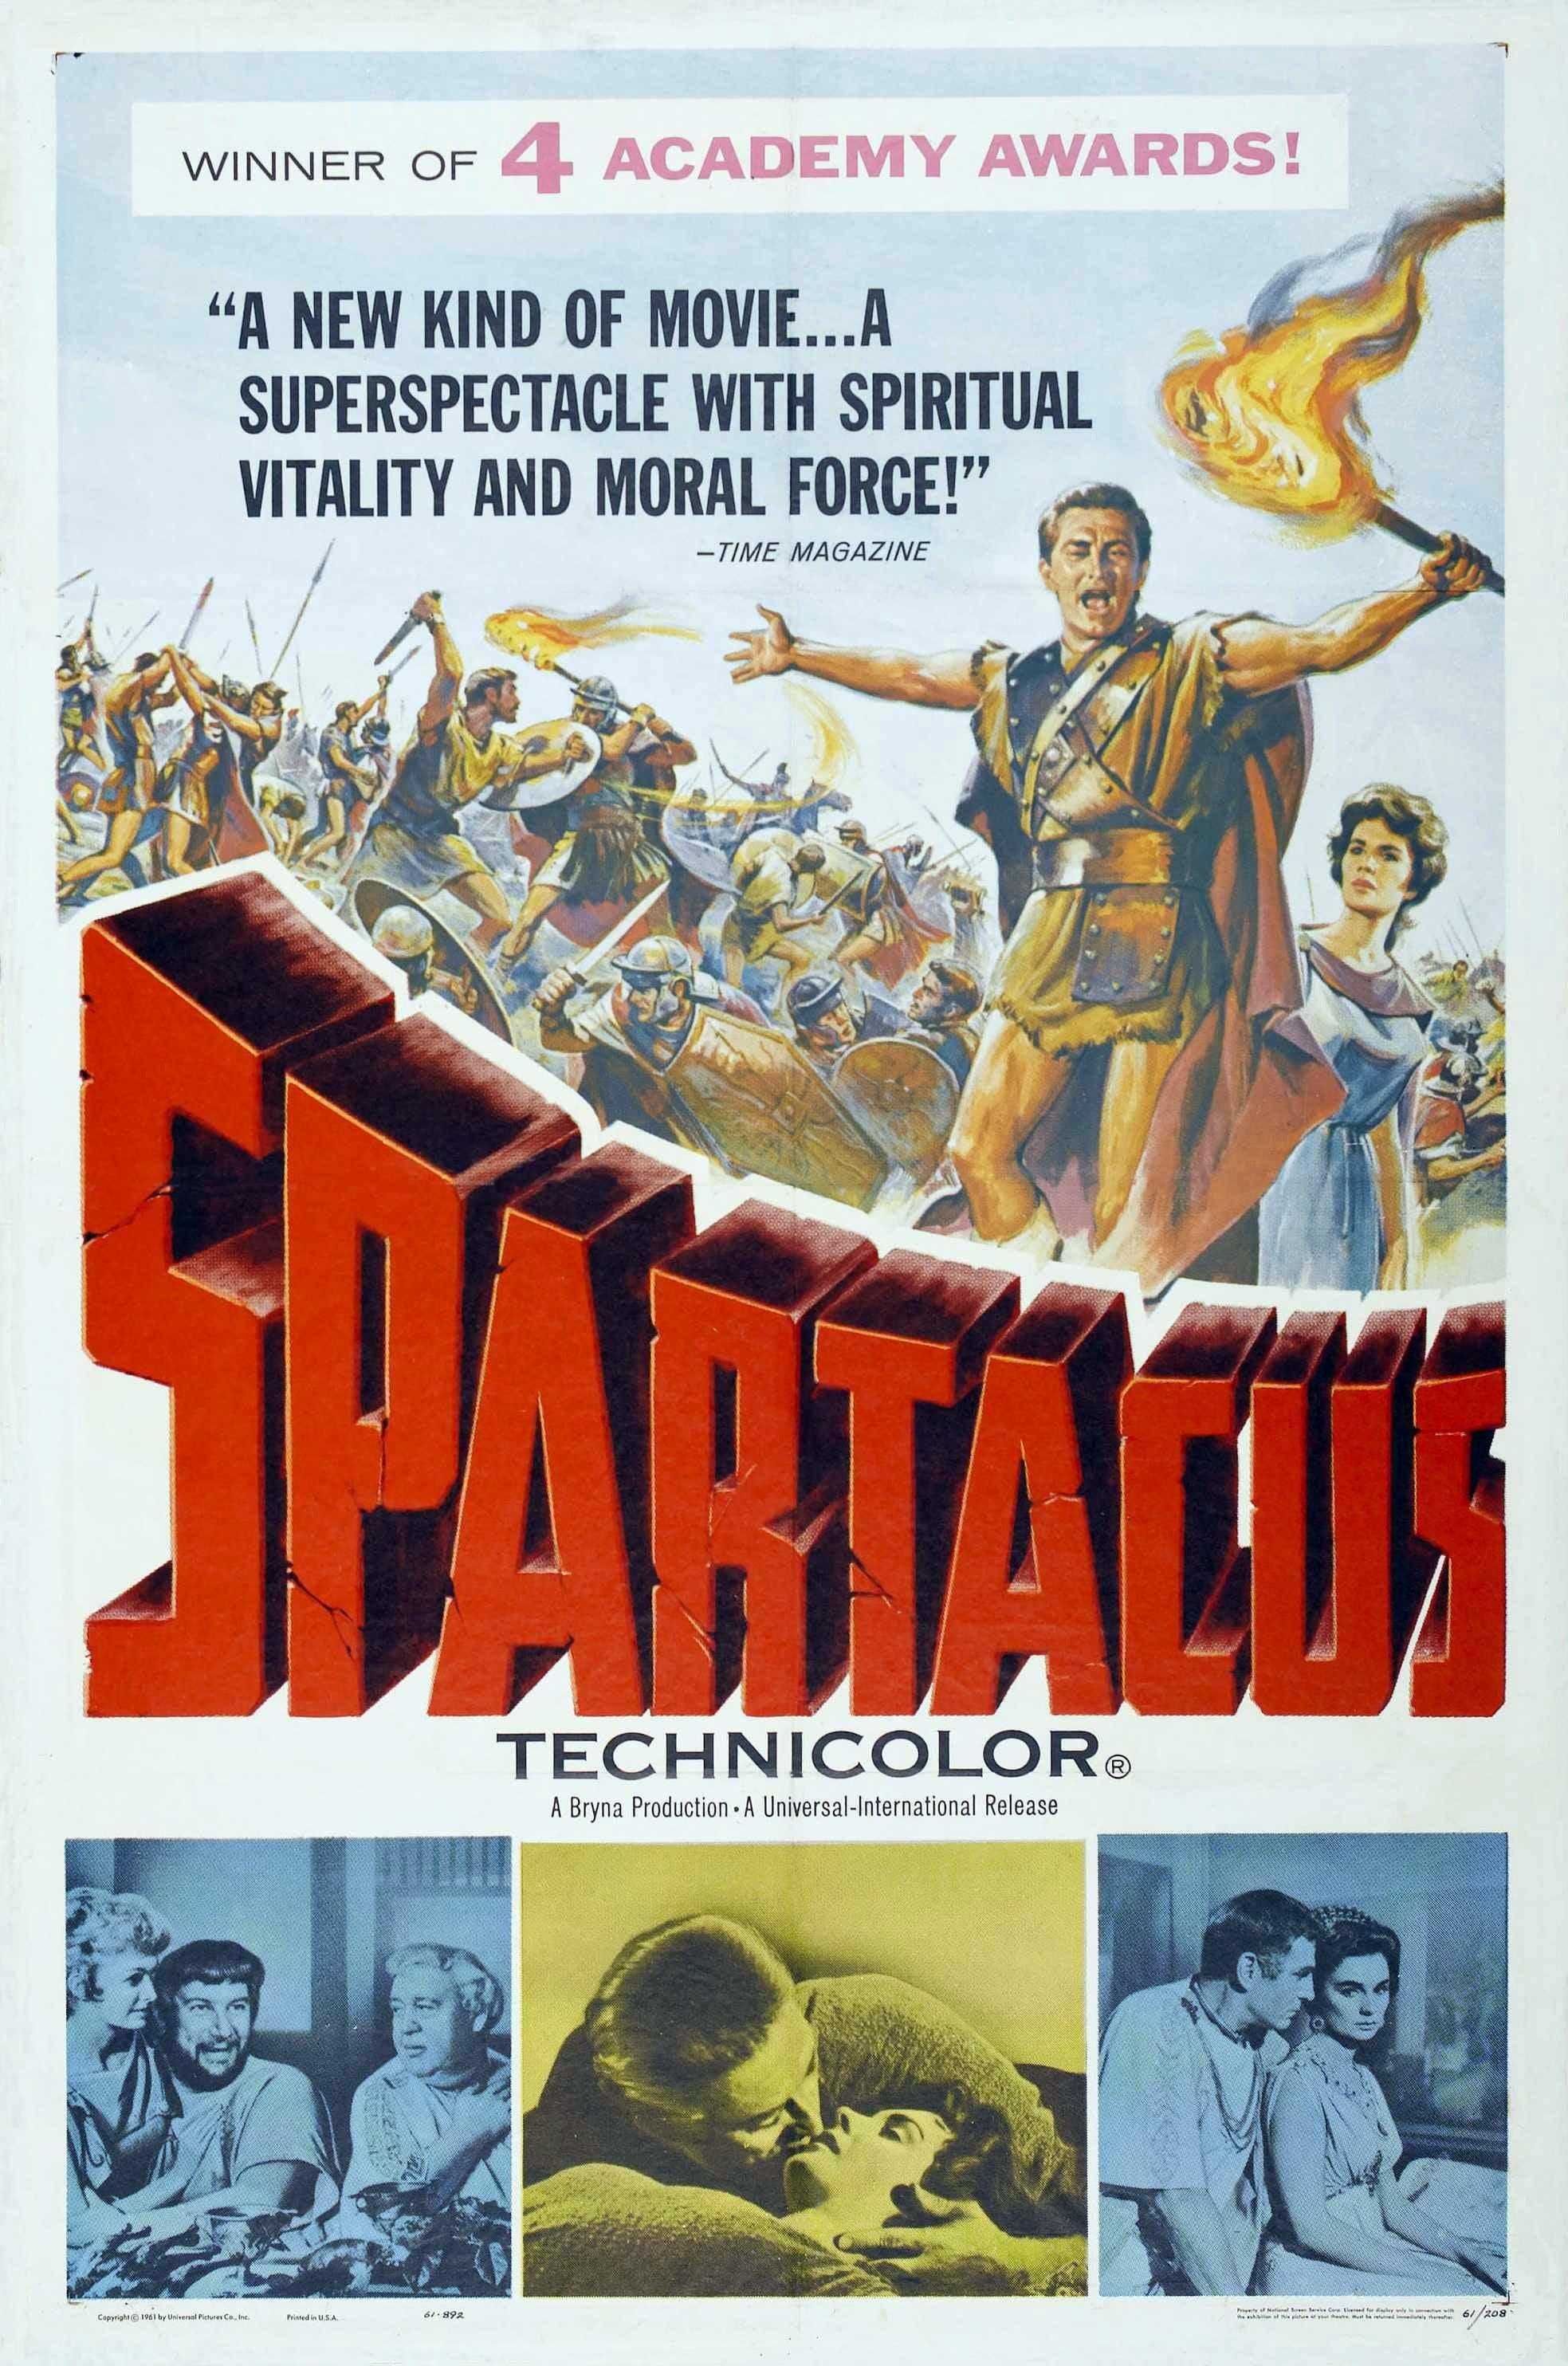 Spartacus - 1960 Movie - Stanley Kubrick - WAATCH.co